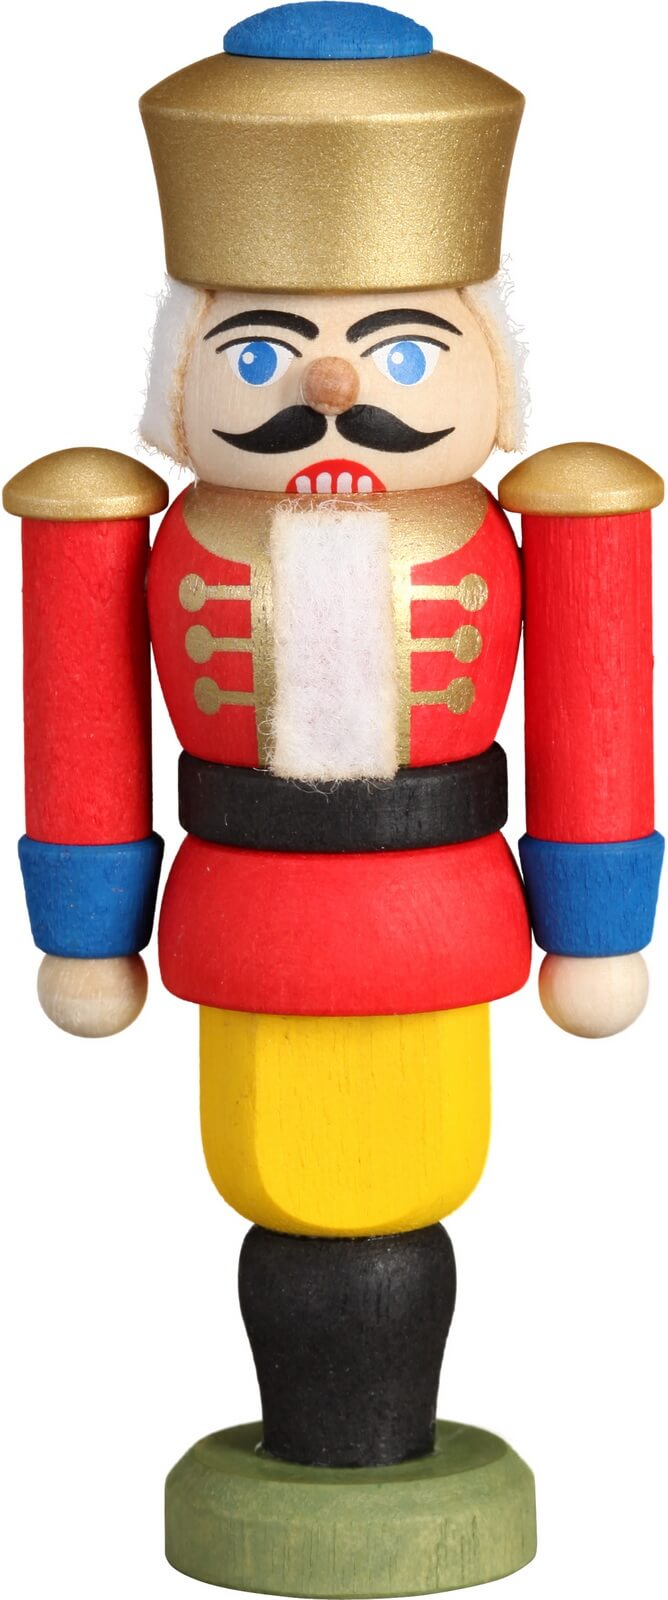 Darf ich vorstellen: Ihre Majestät der Nussknacker König in rot, 9 cm von der Seiffener Volkskunst eG Seiffen/ Erzgebirge. Dienten früher die …